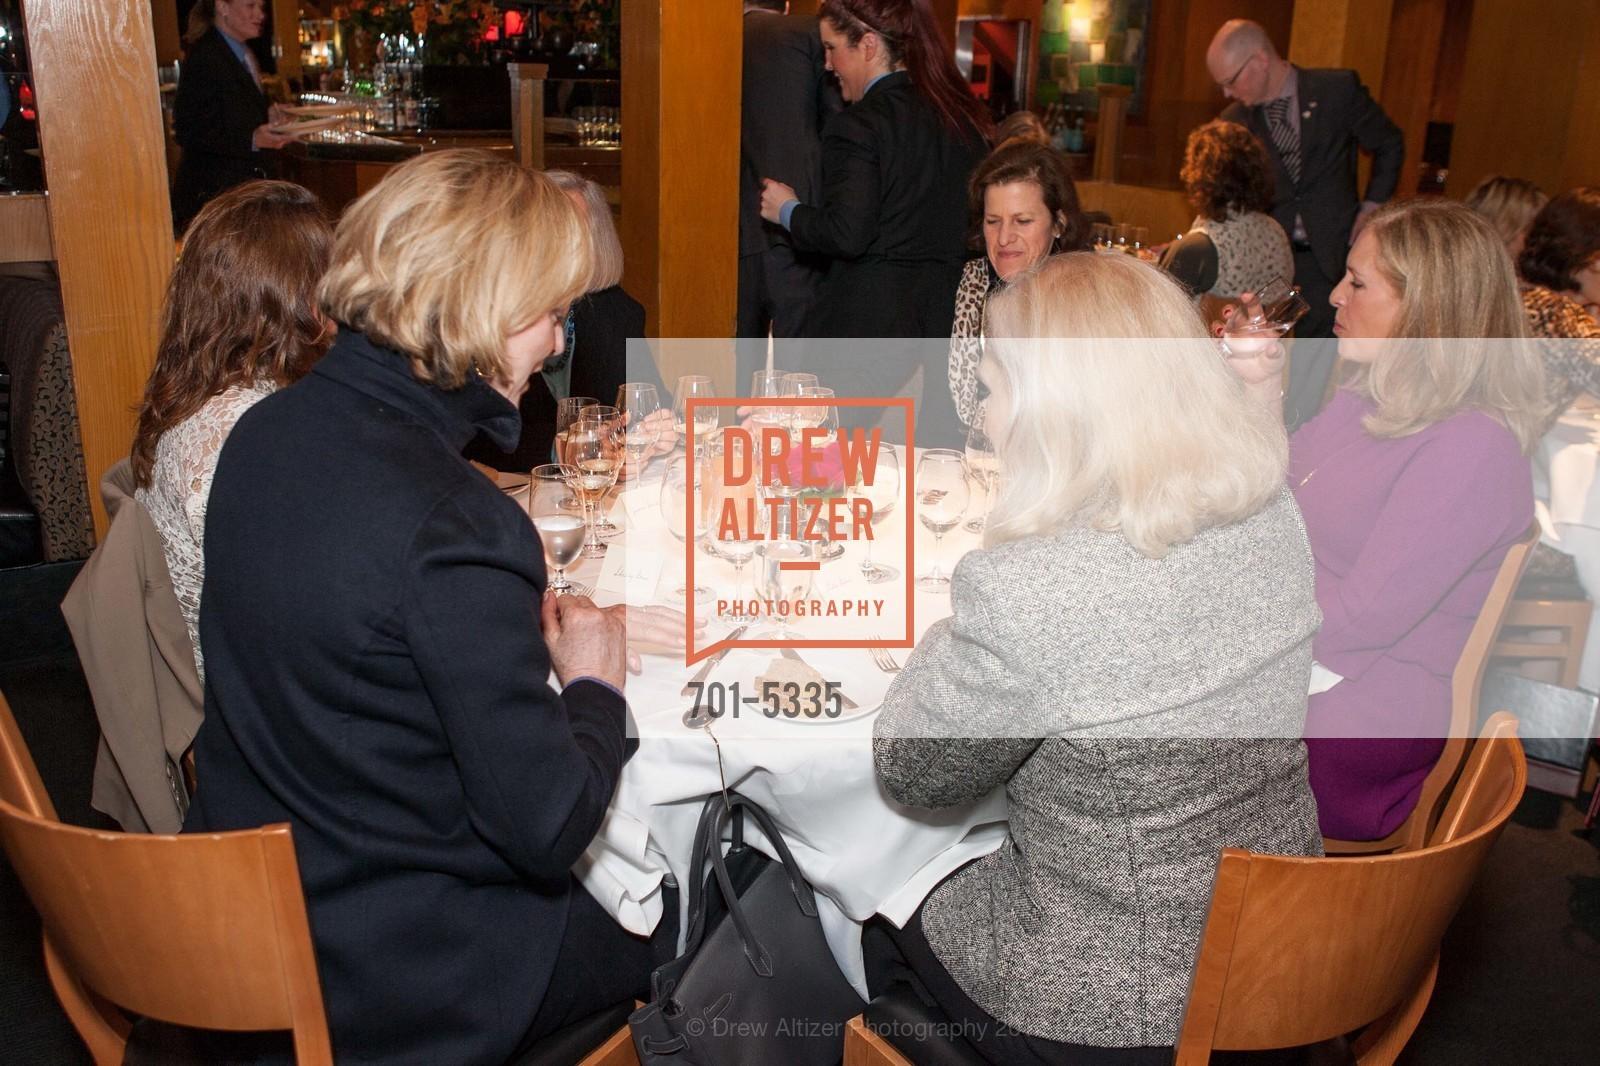 Susan Bates, Nancy Sidow, Photo #701-5335